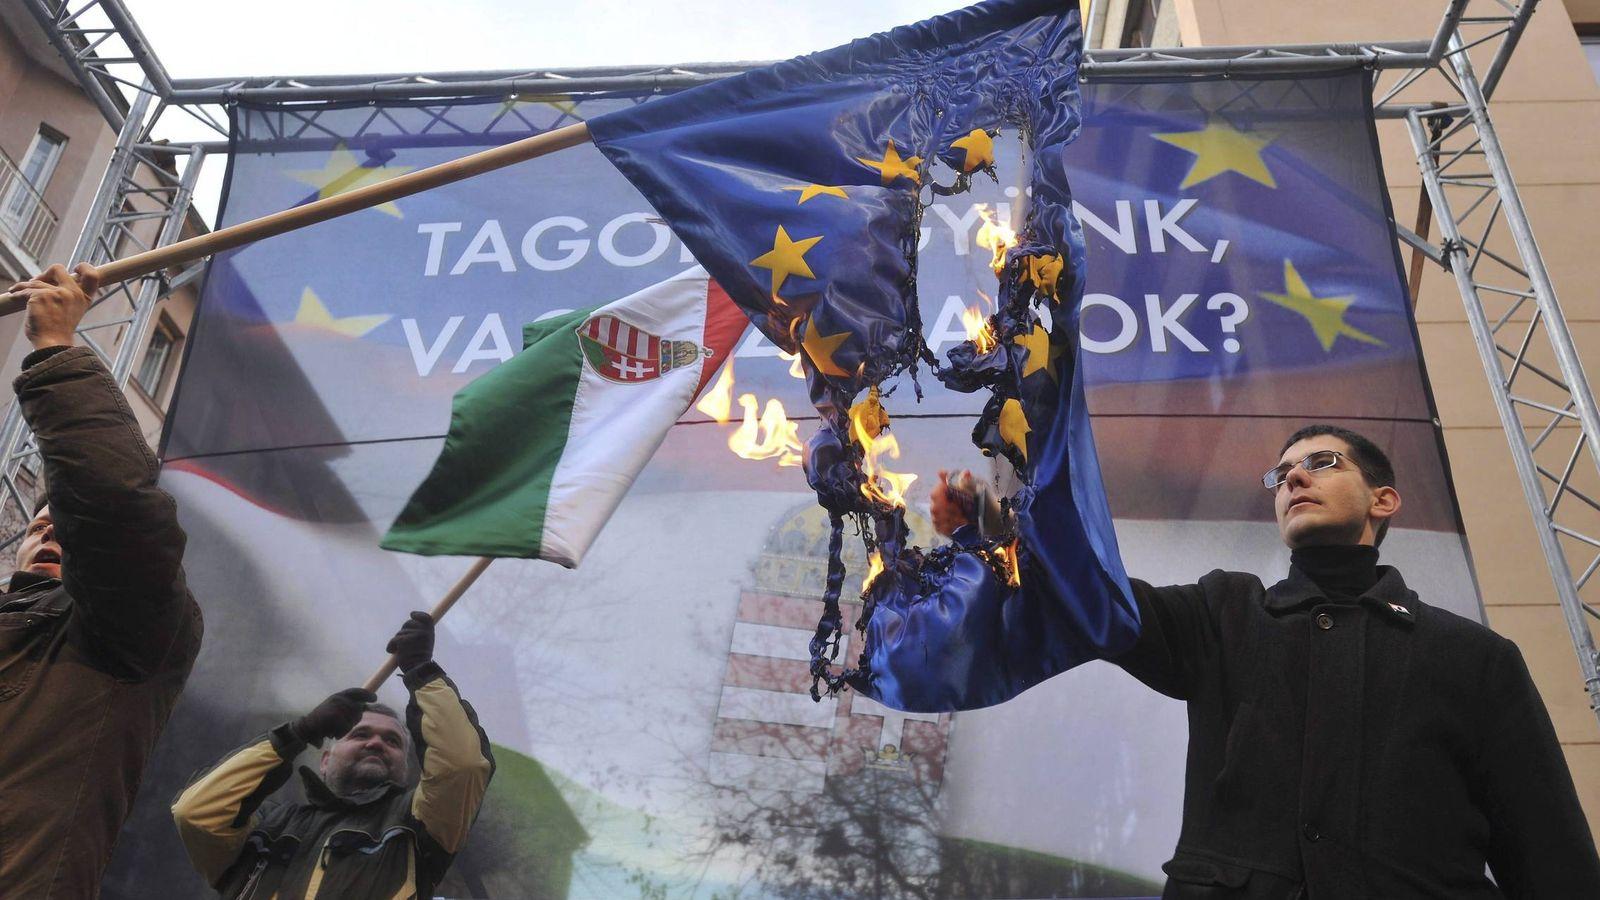 Foto: Manifestación antieuropeíosta de extrema derecha en Budapest, Hungría. (EFE)